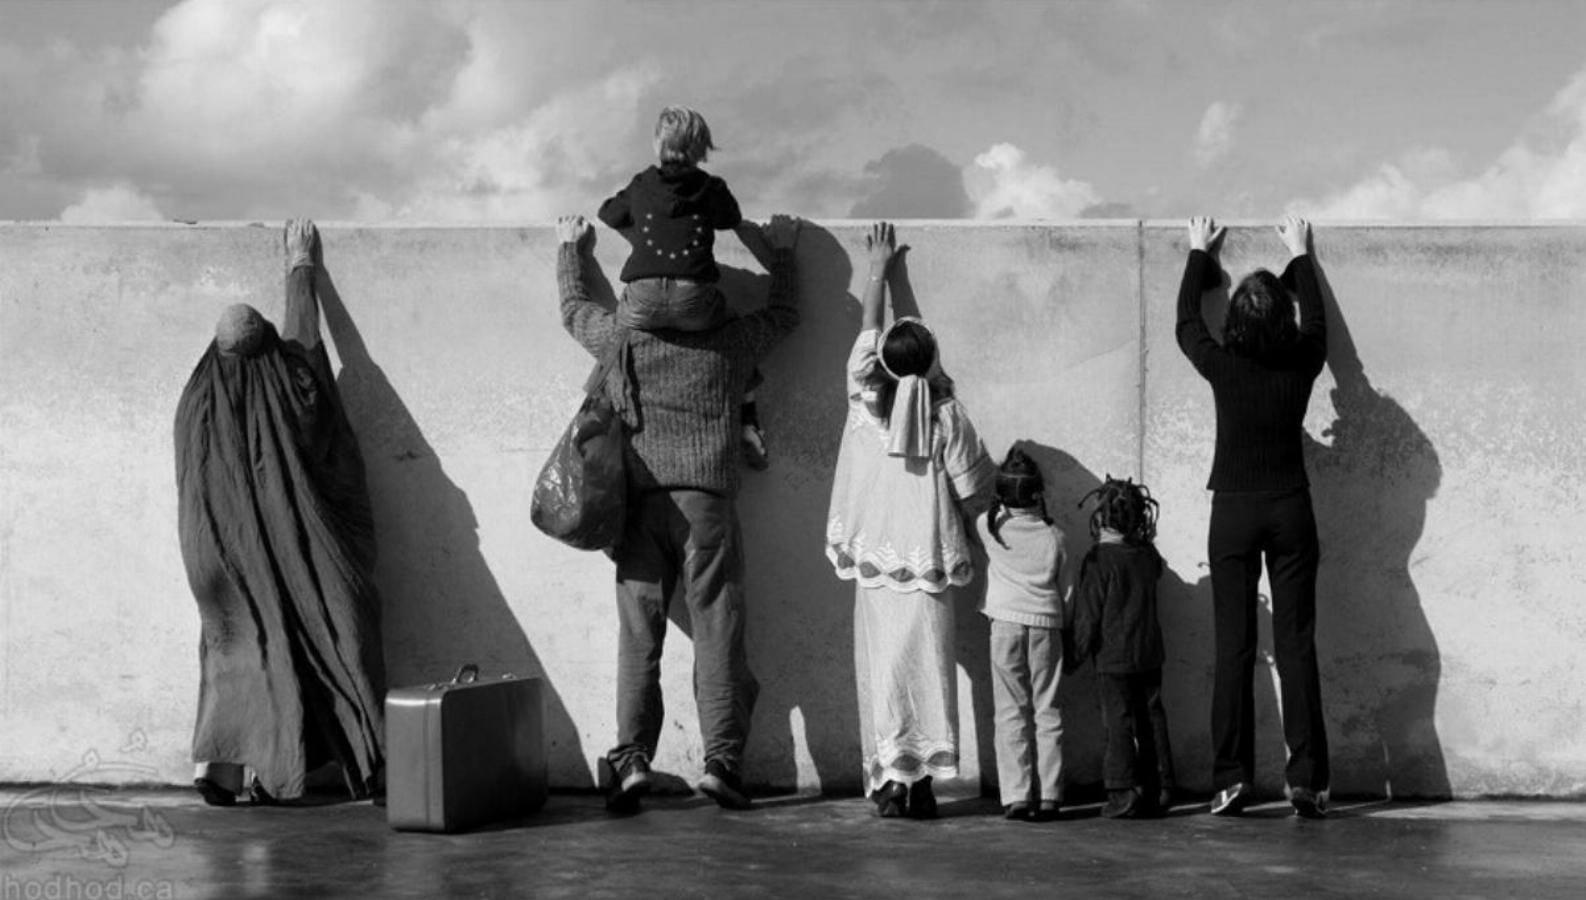 مهاجرت و بیان واقعیتهای ناخوشایند خانوادگی